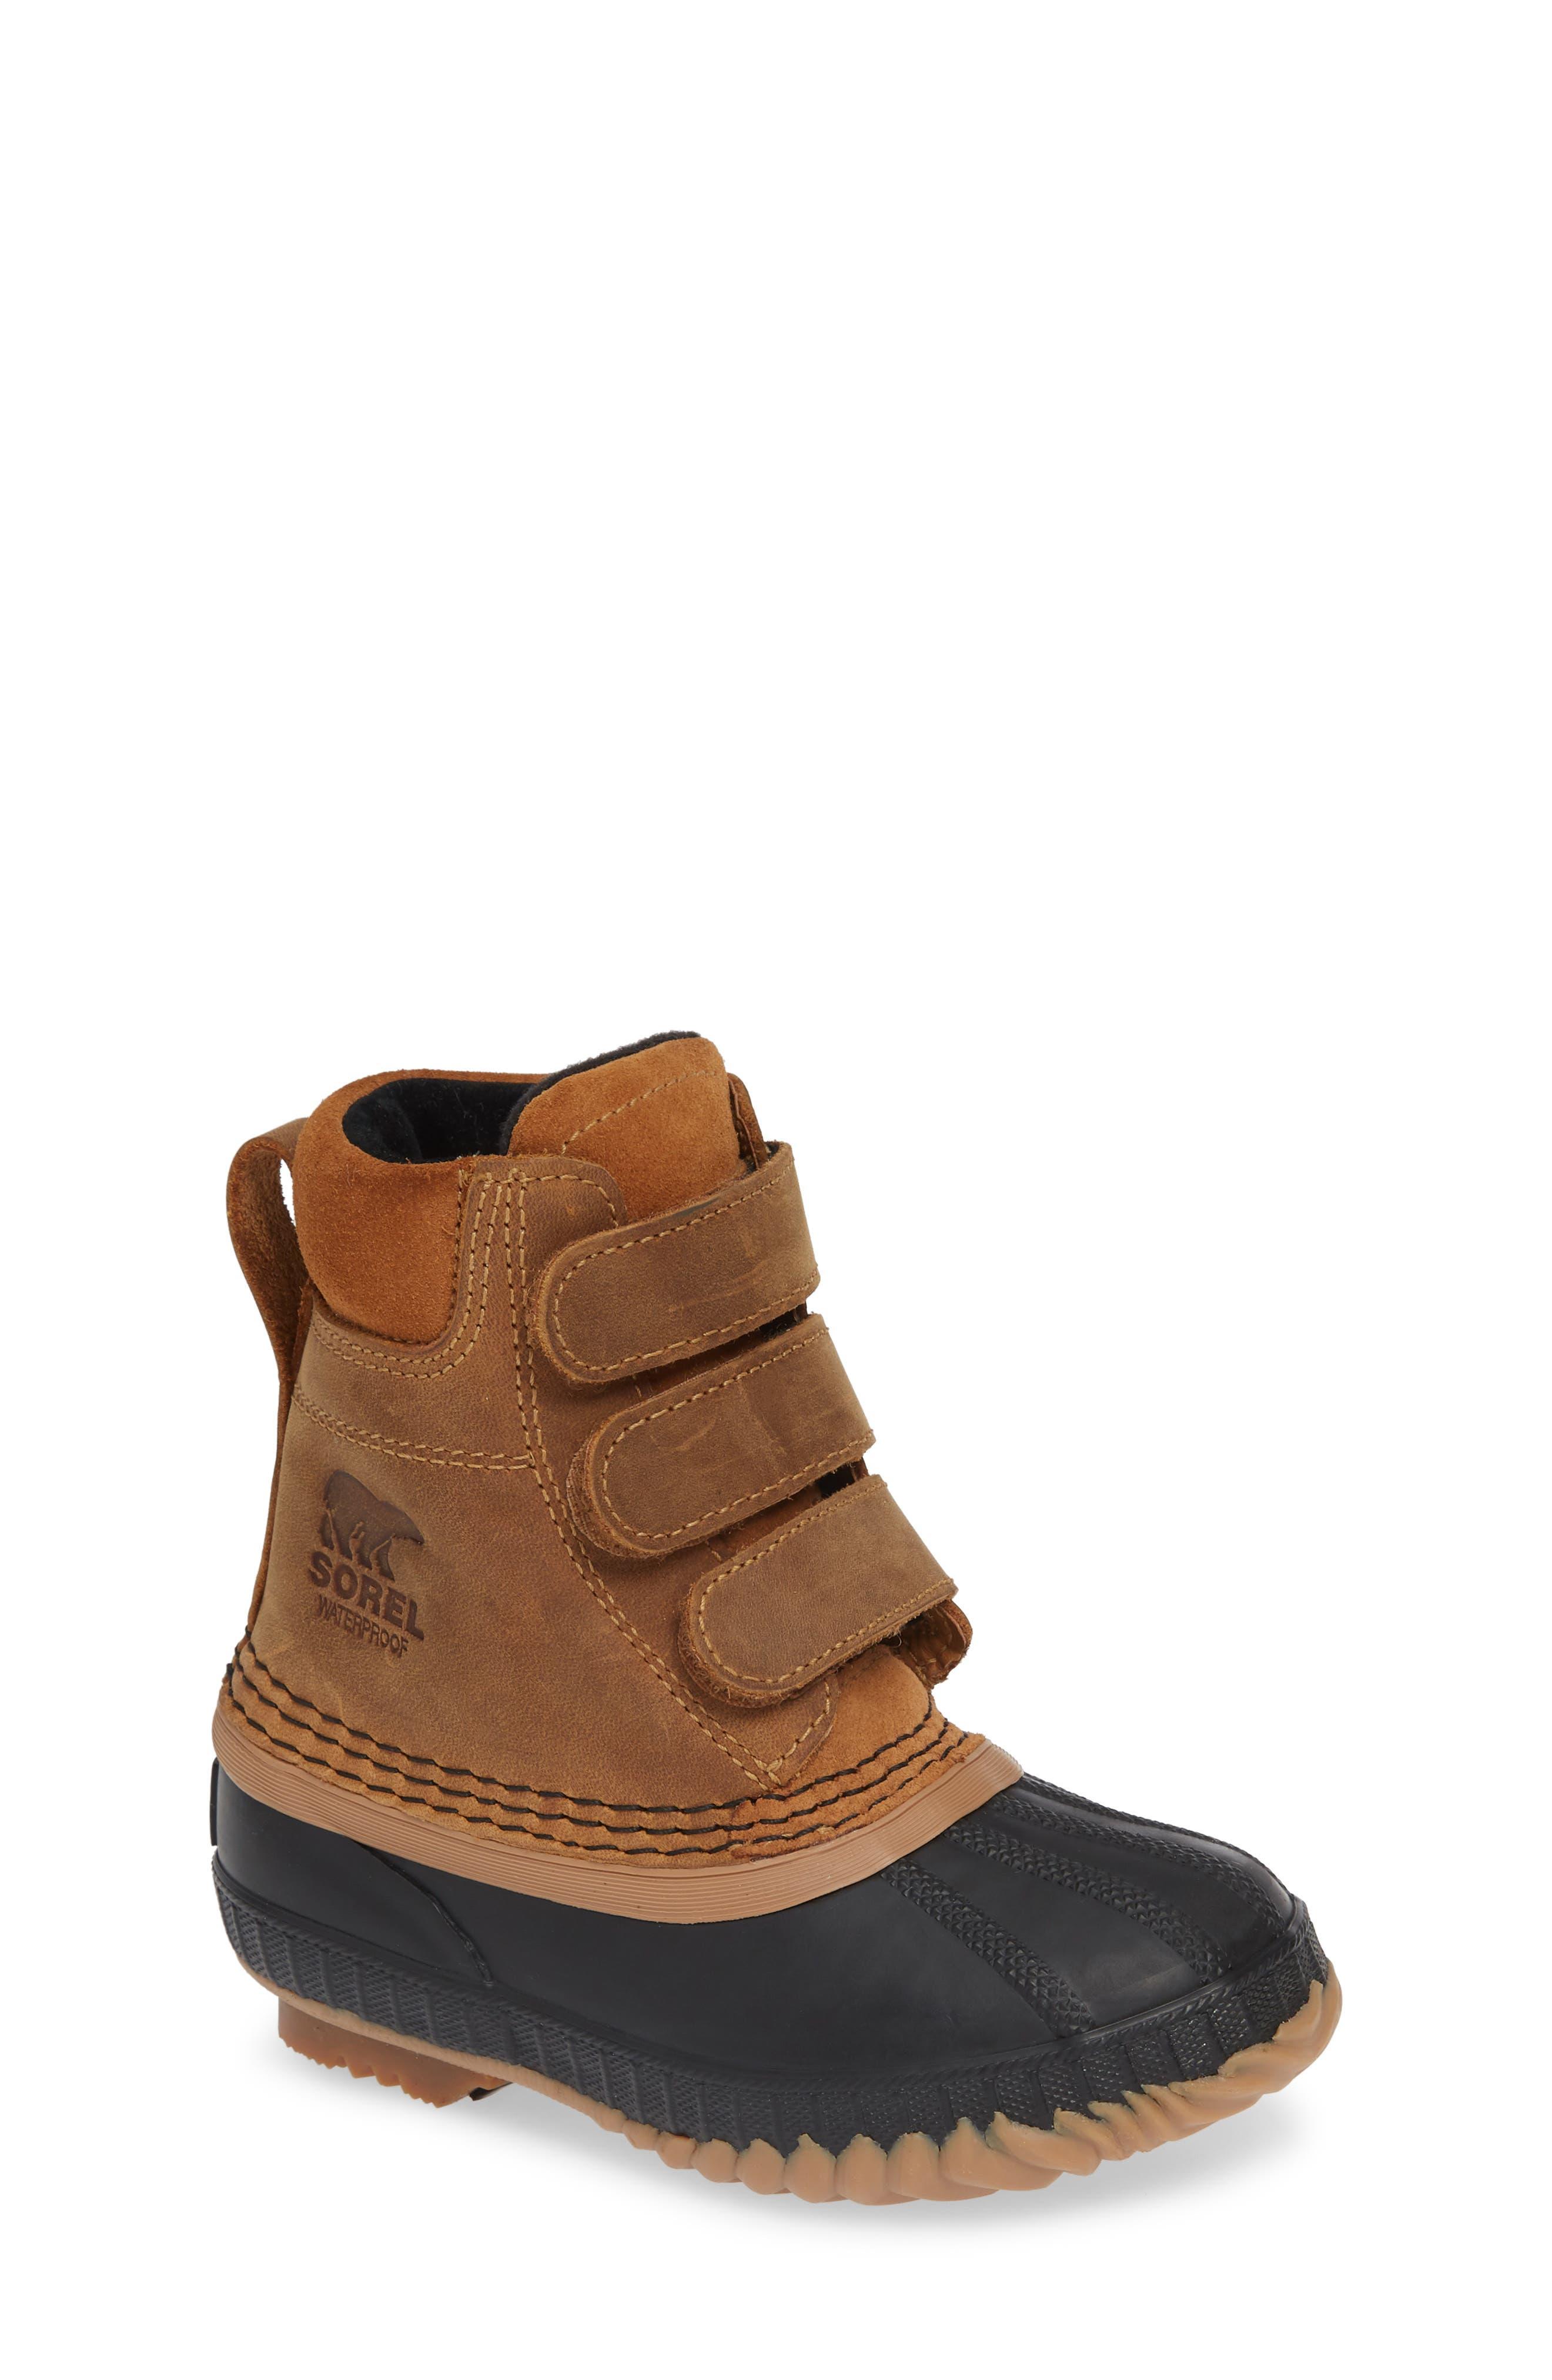 Cheyanne<sup>™</sup> II Waterproof Boot,                             Main thumbnail 1, color,                             ELK/ BLACK